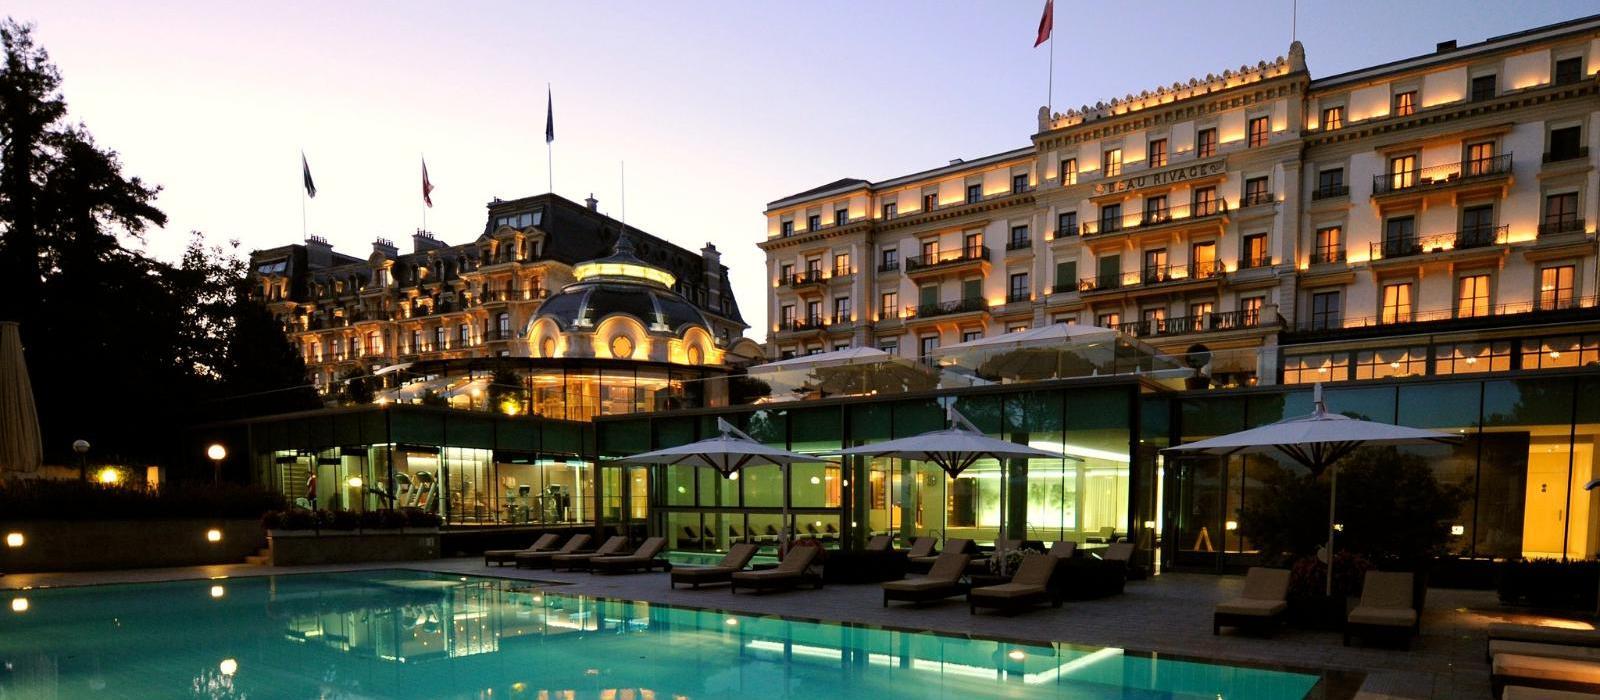 洛桑美岸皇宫大酒店(Beau-Rivage Palace Lausanne) 酒店外观图片  www.lhw.cn